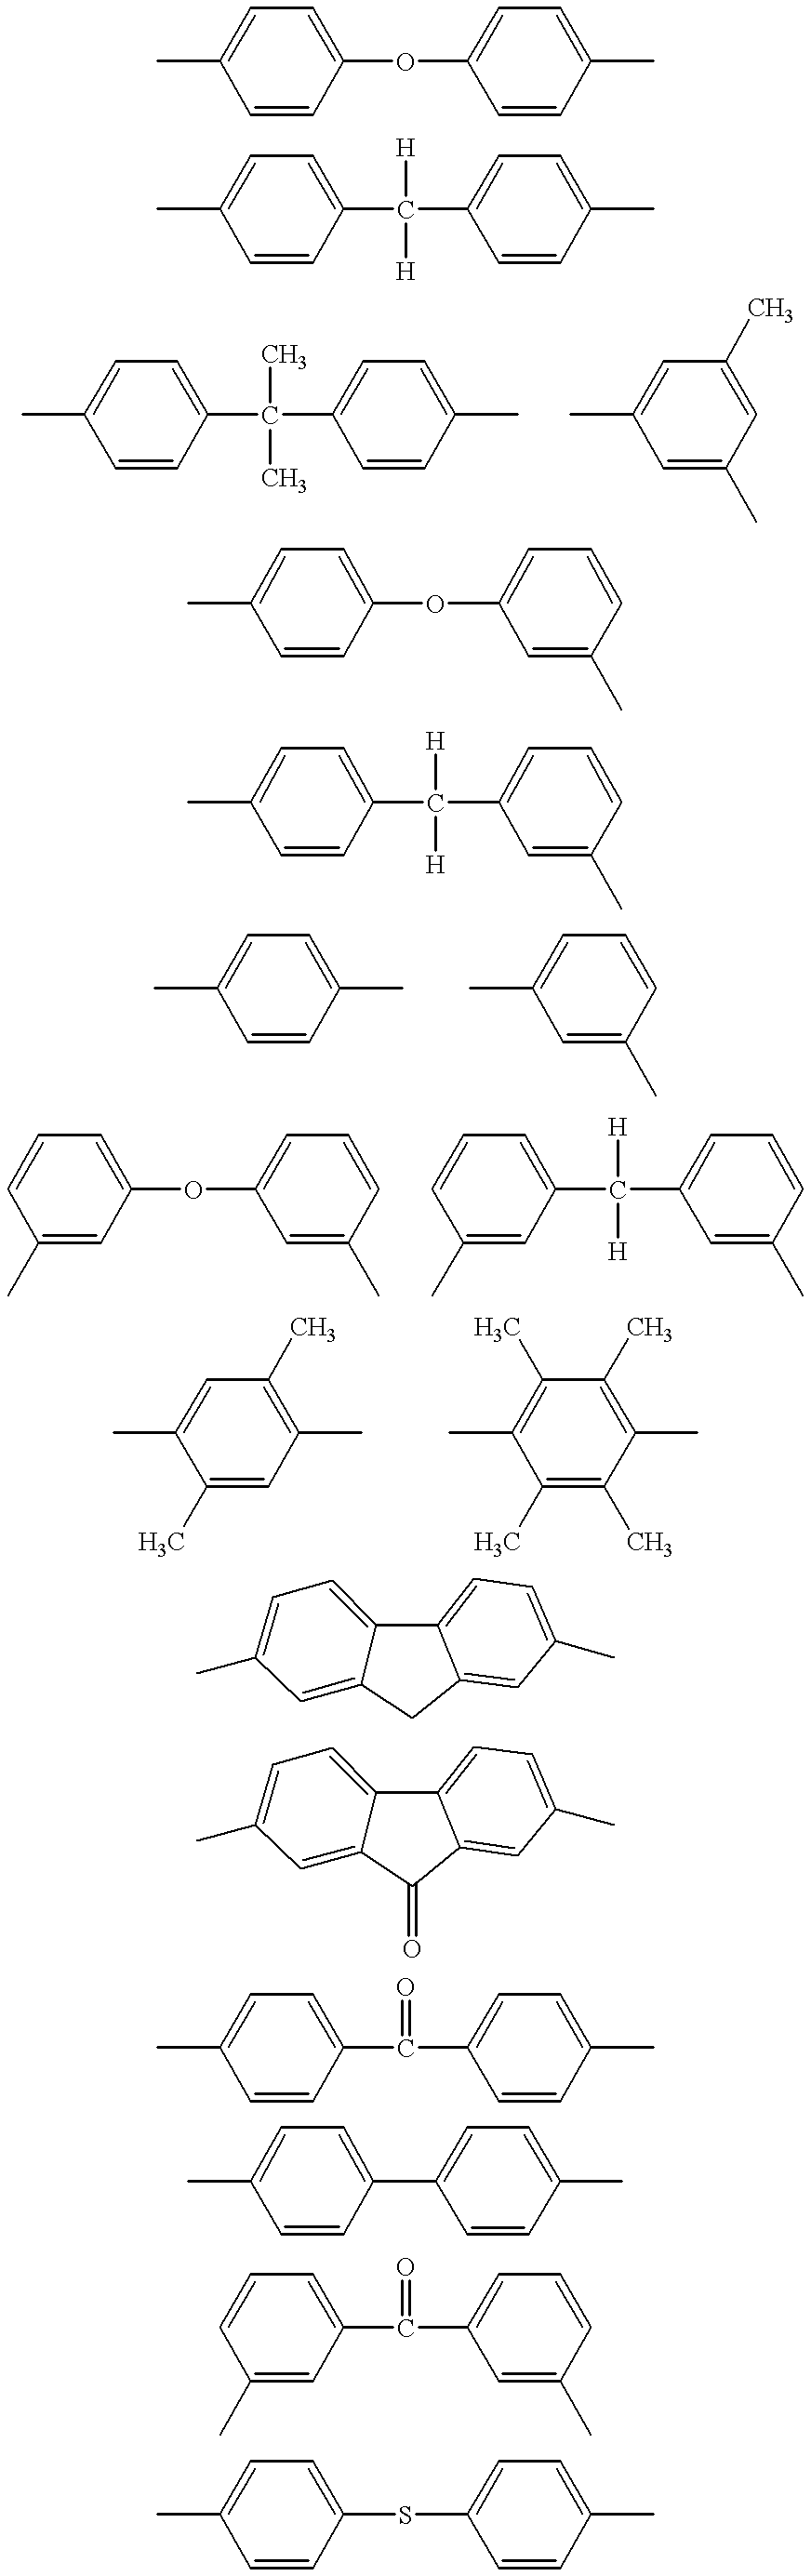 Figure US20010005528A1-20010628-C00004